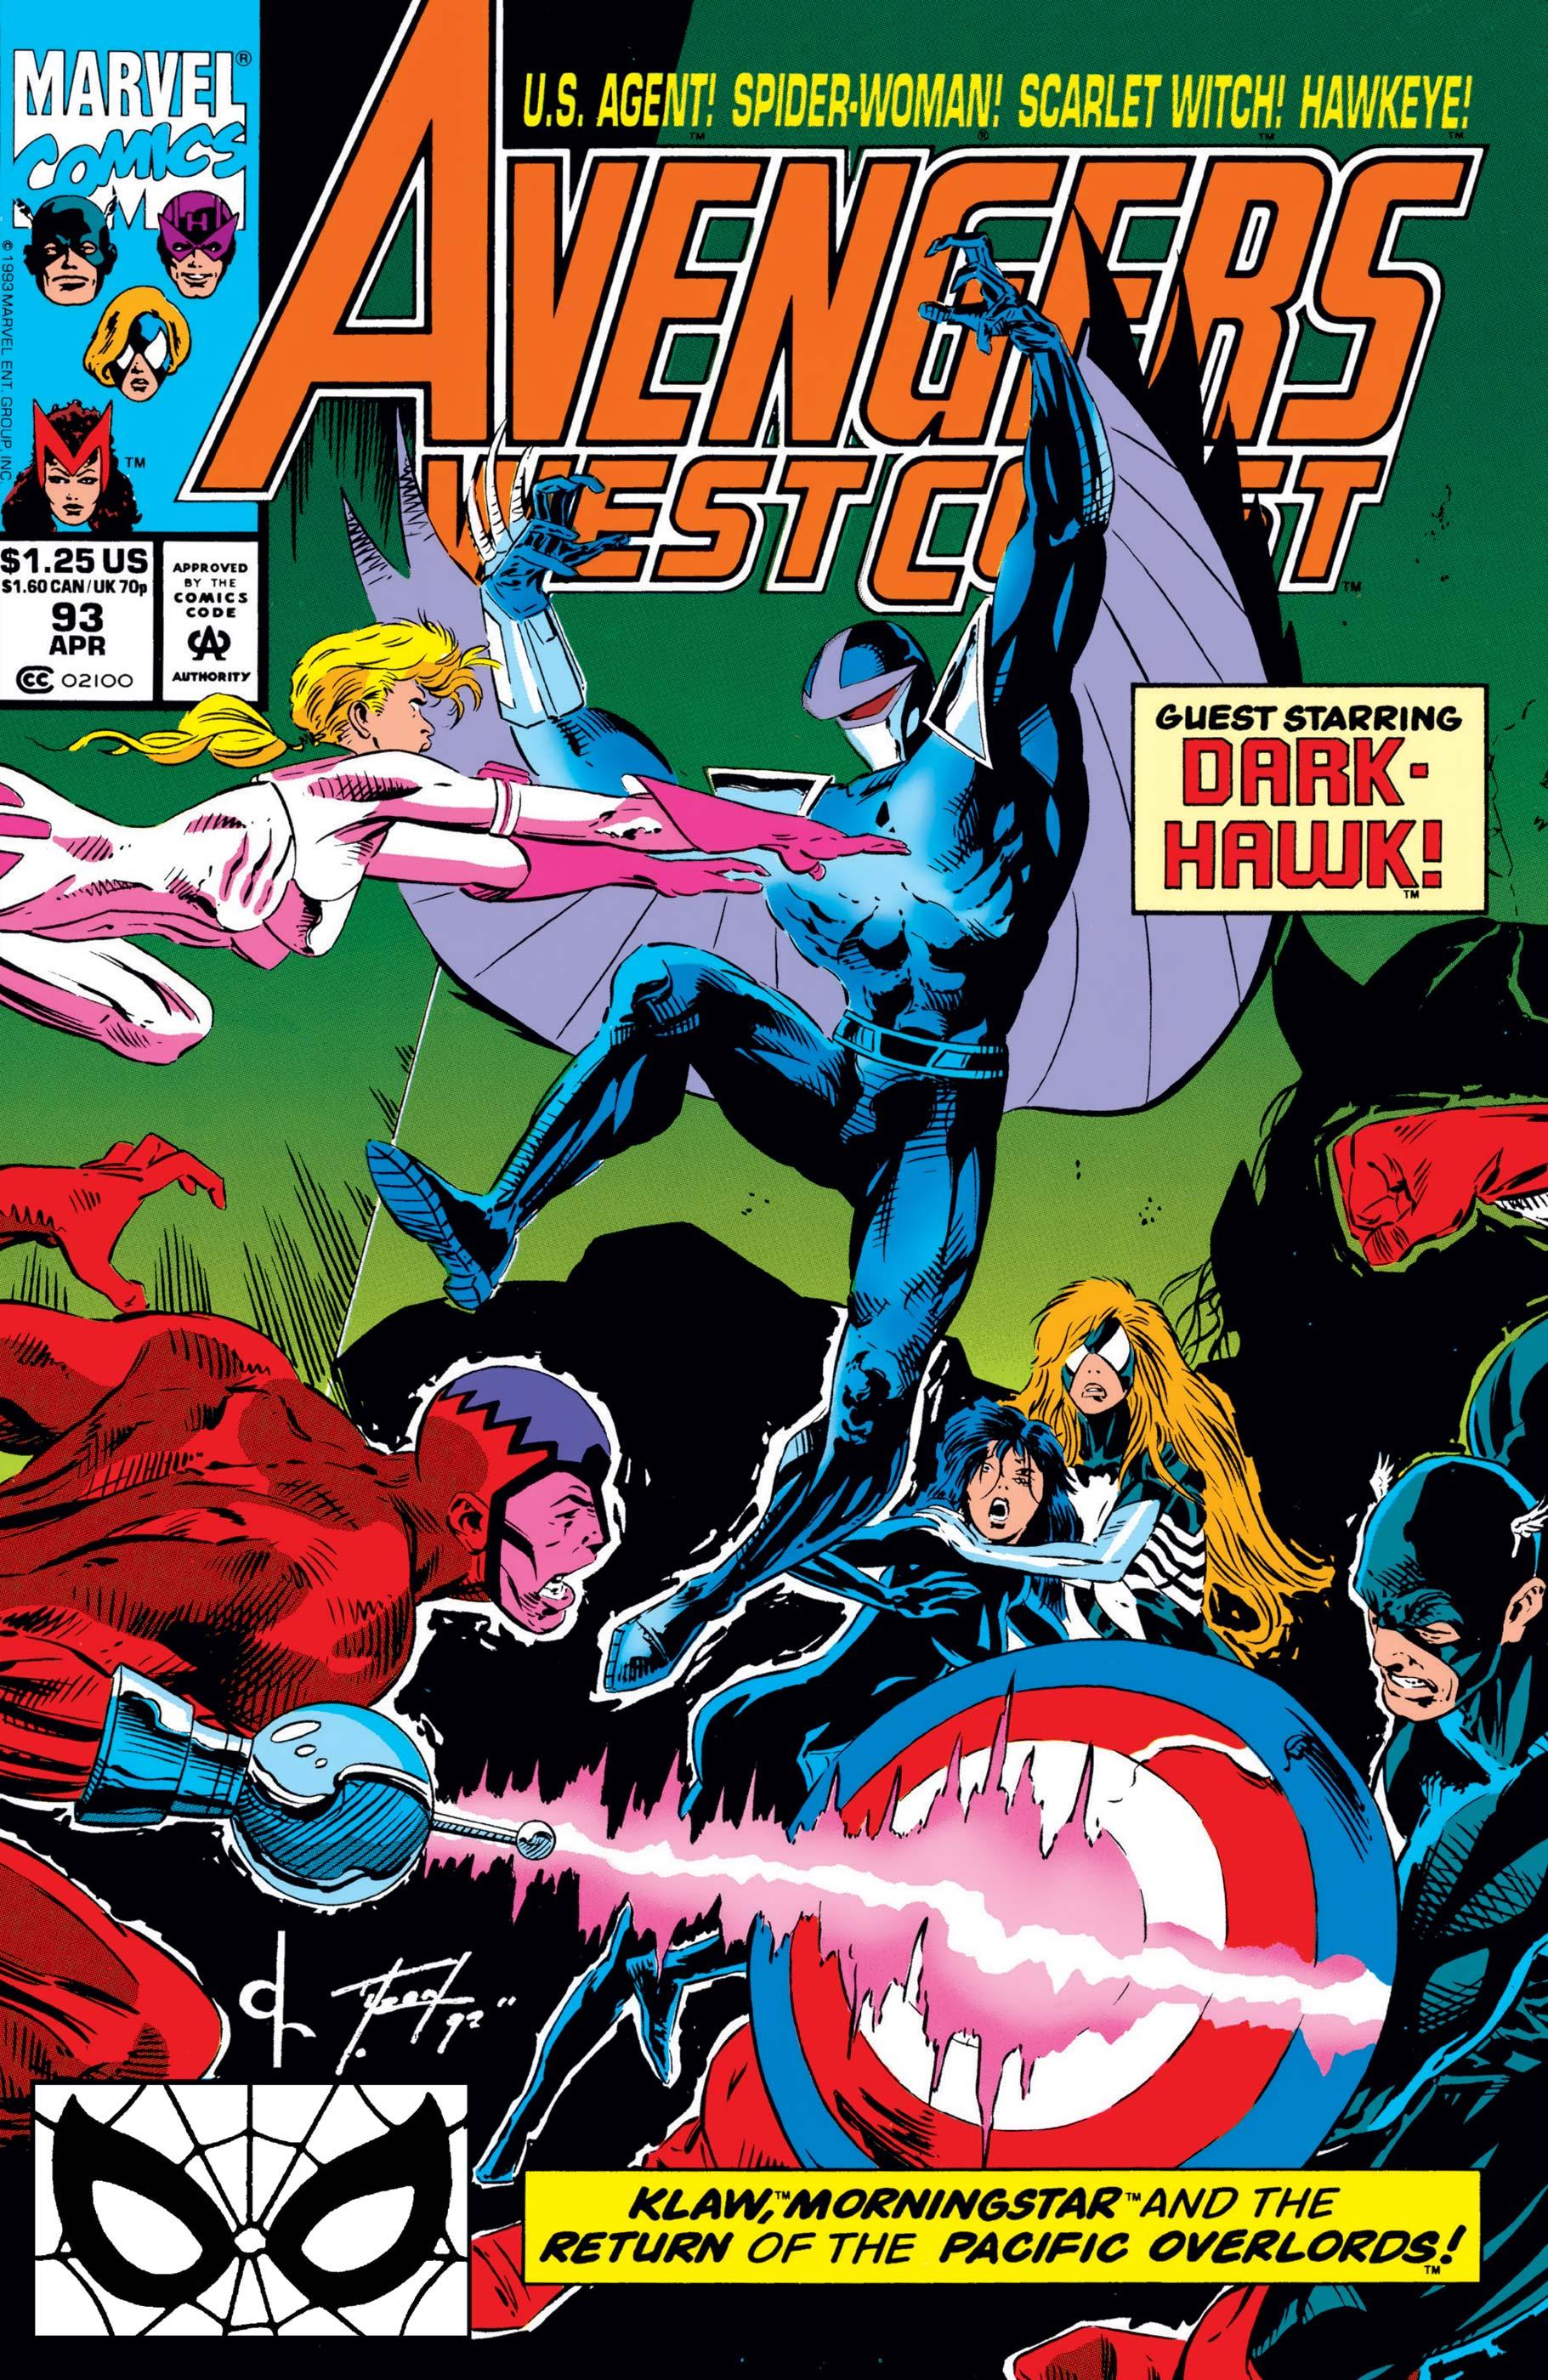 West Coast Avengers (1985) #93